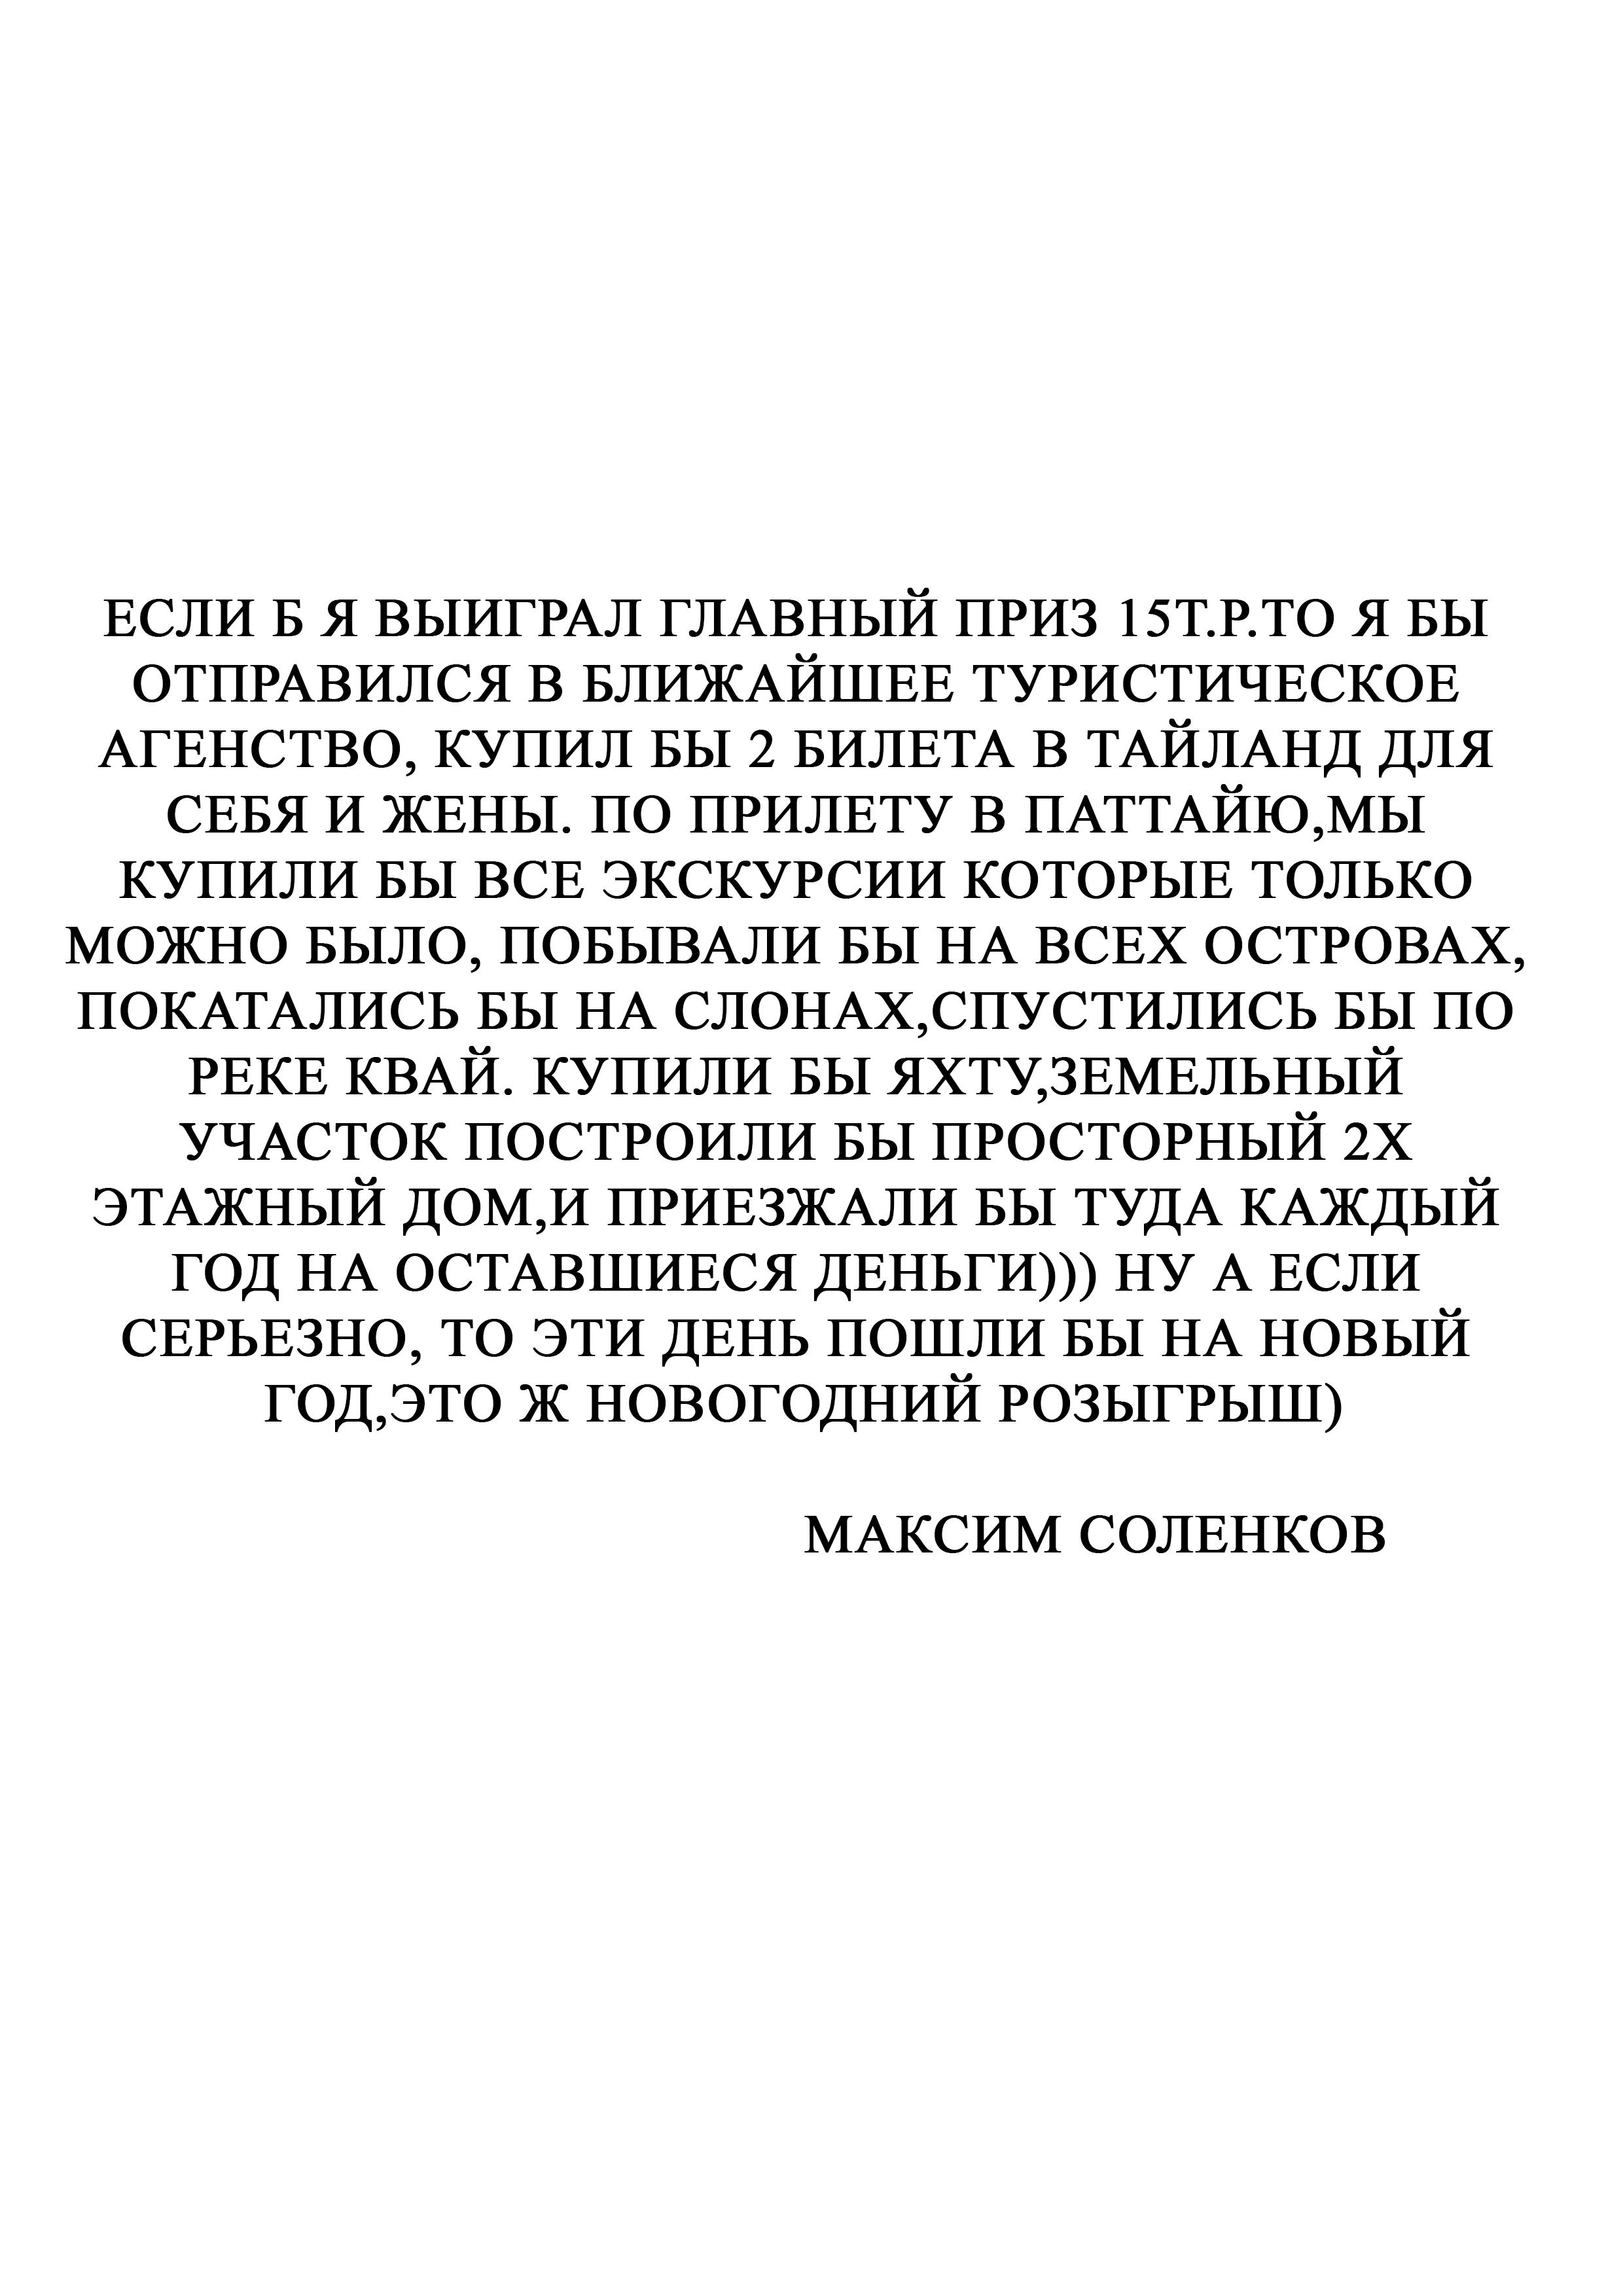 Максим Соленков